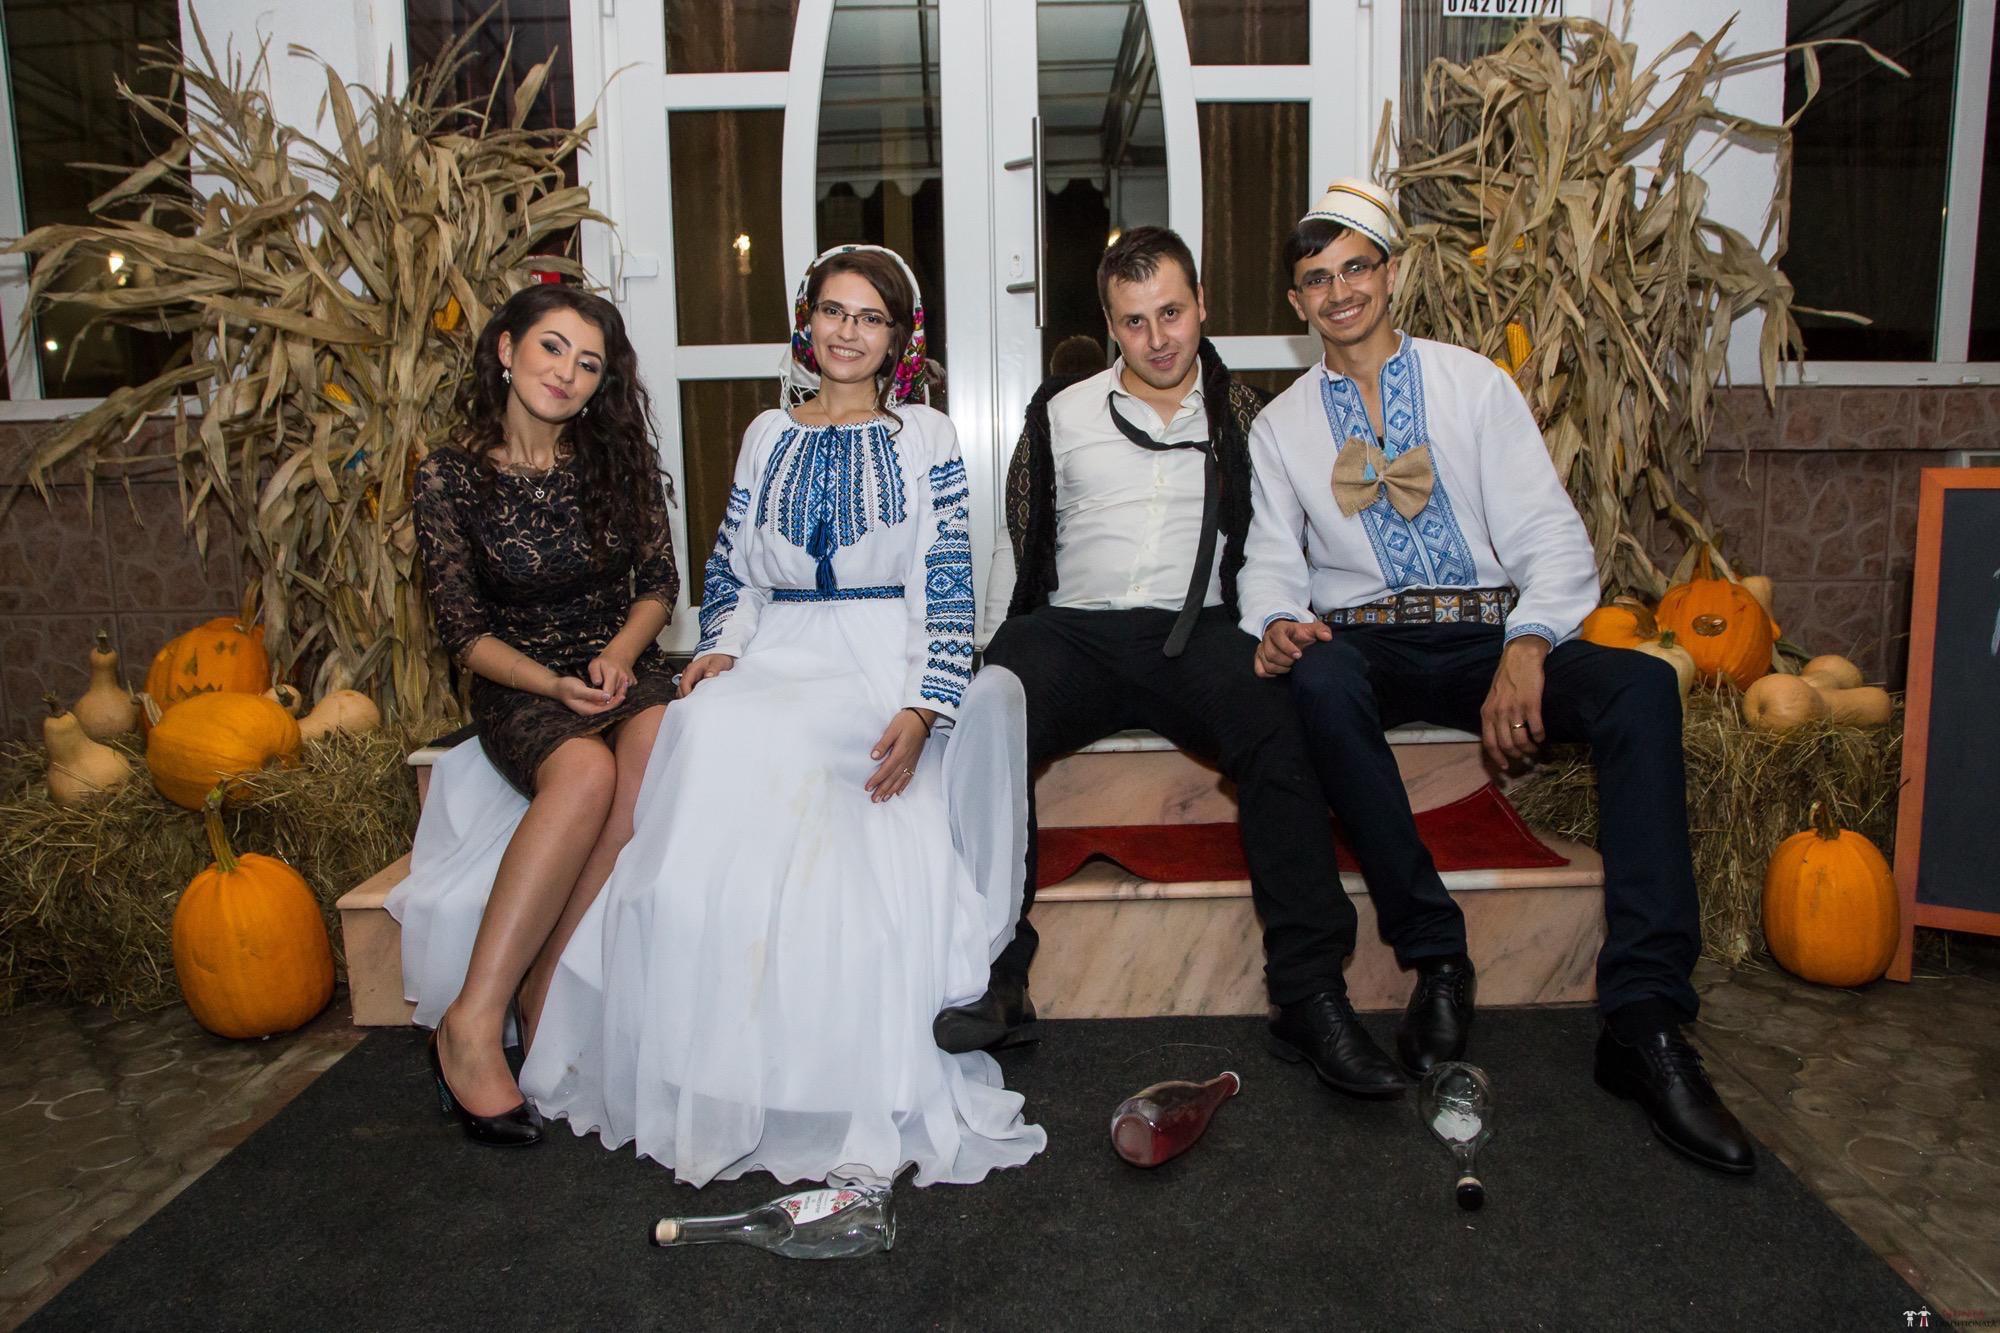 Povești Nunți Tradiționale - Ioana-Alexandra și Bogdan-Vasile. Nuntă tradițională în Fălticeni 21